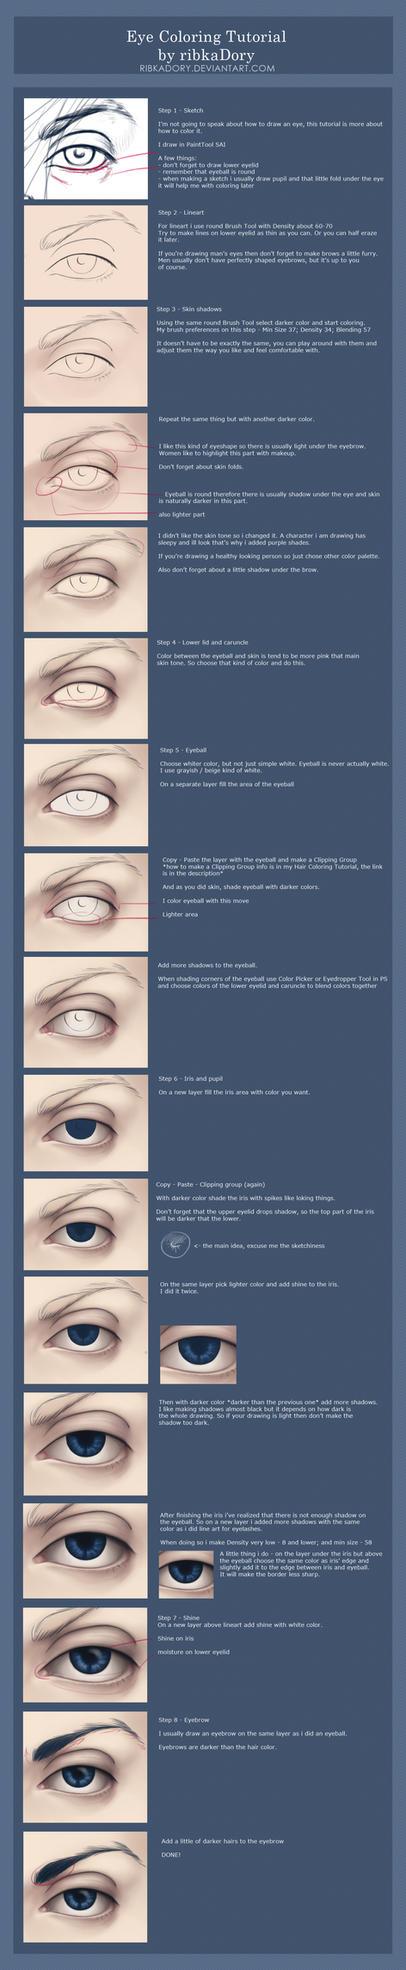 Eye Coloring Tutorial by ribkaDory